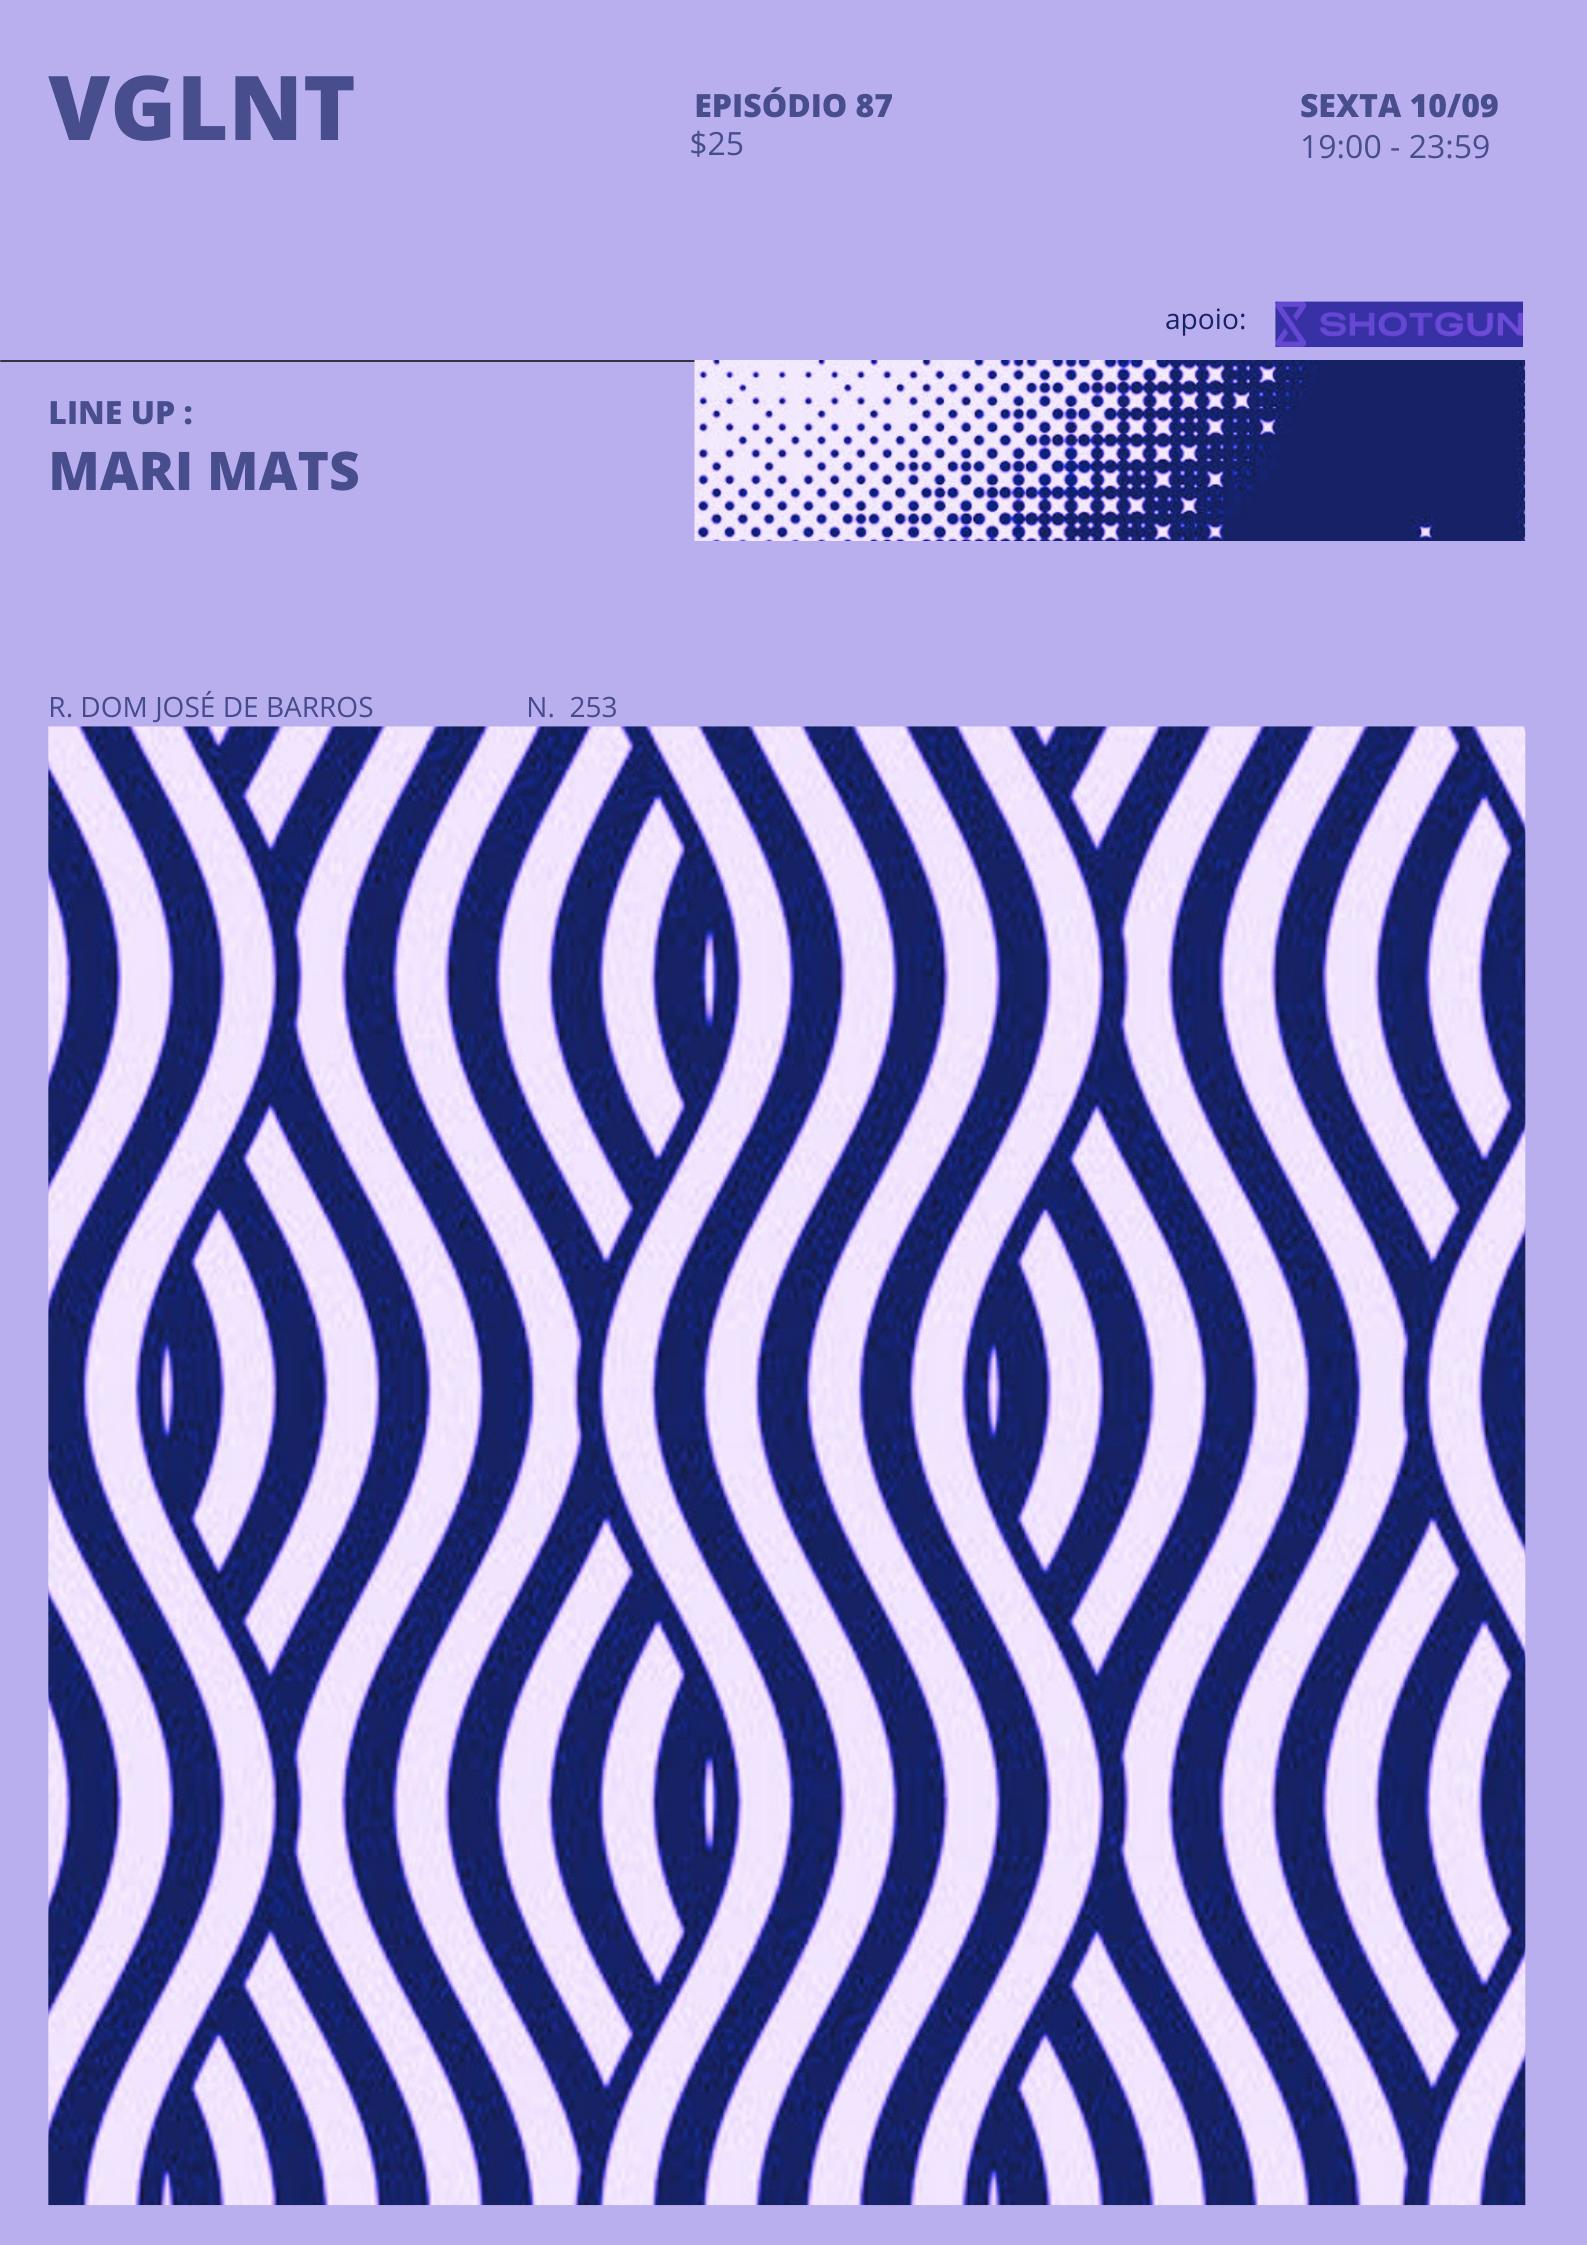 VGLNT ep. 86 com MARI MATS